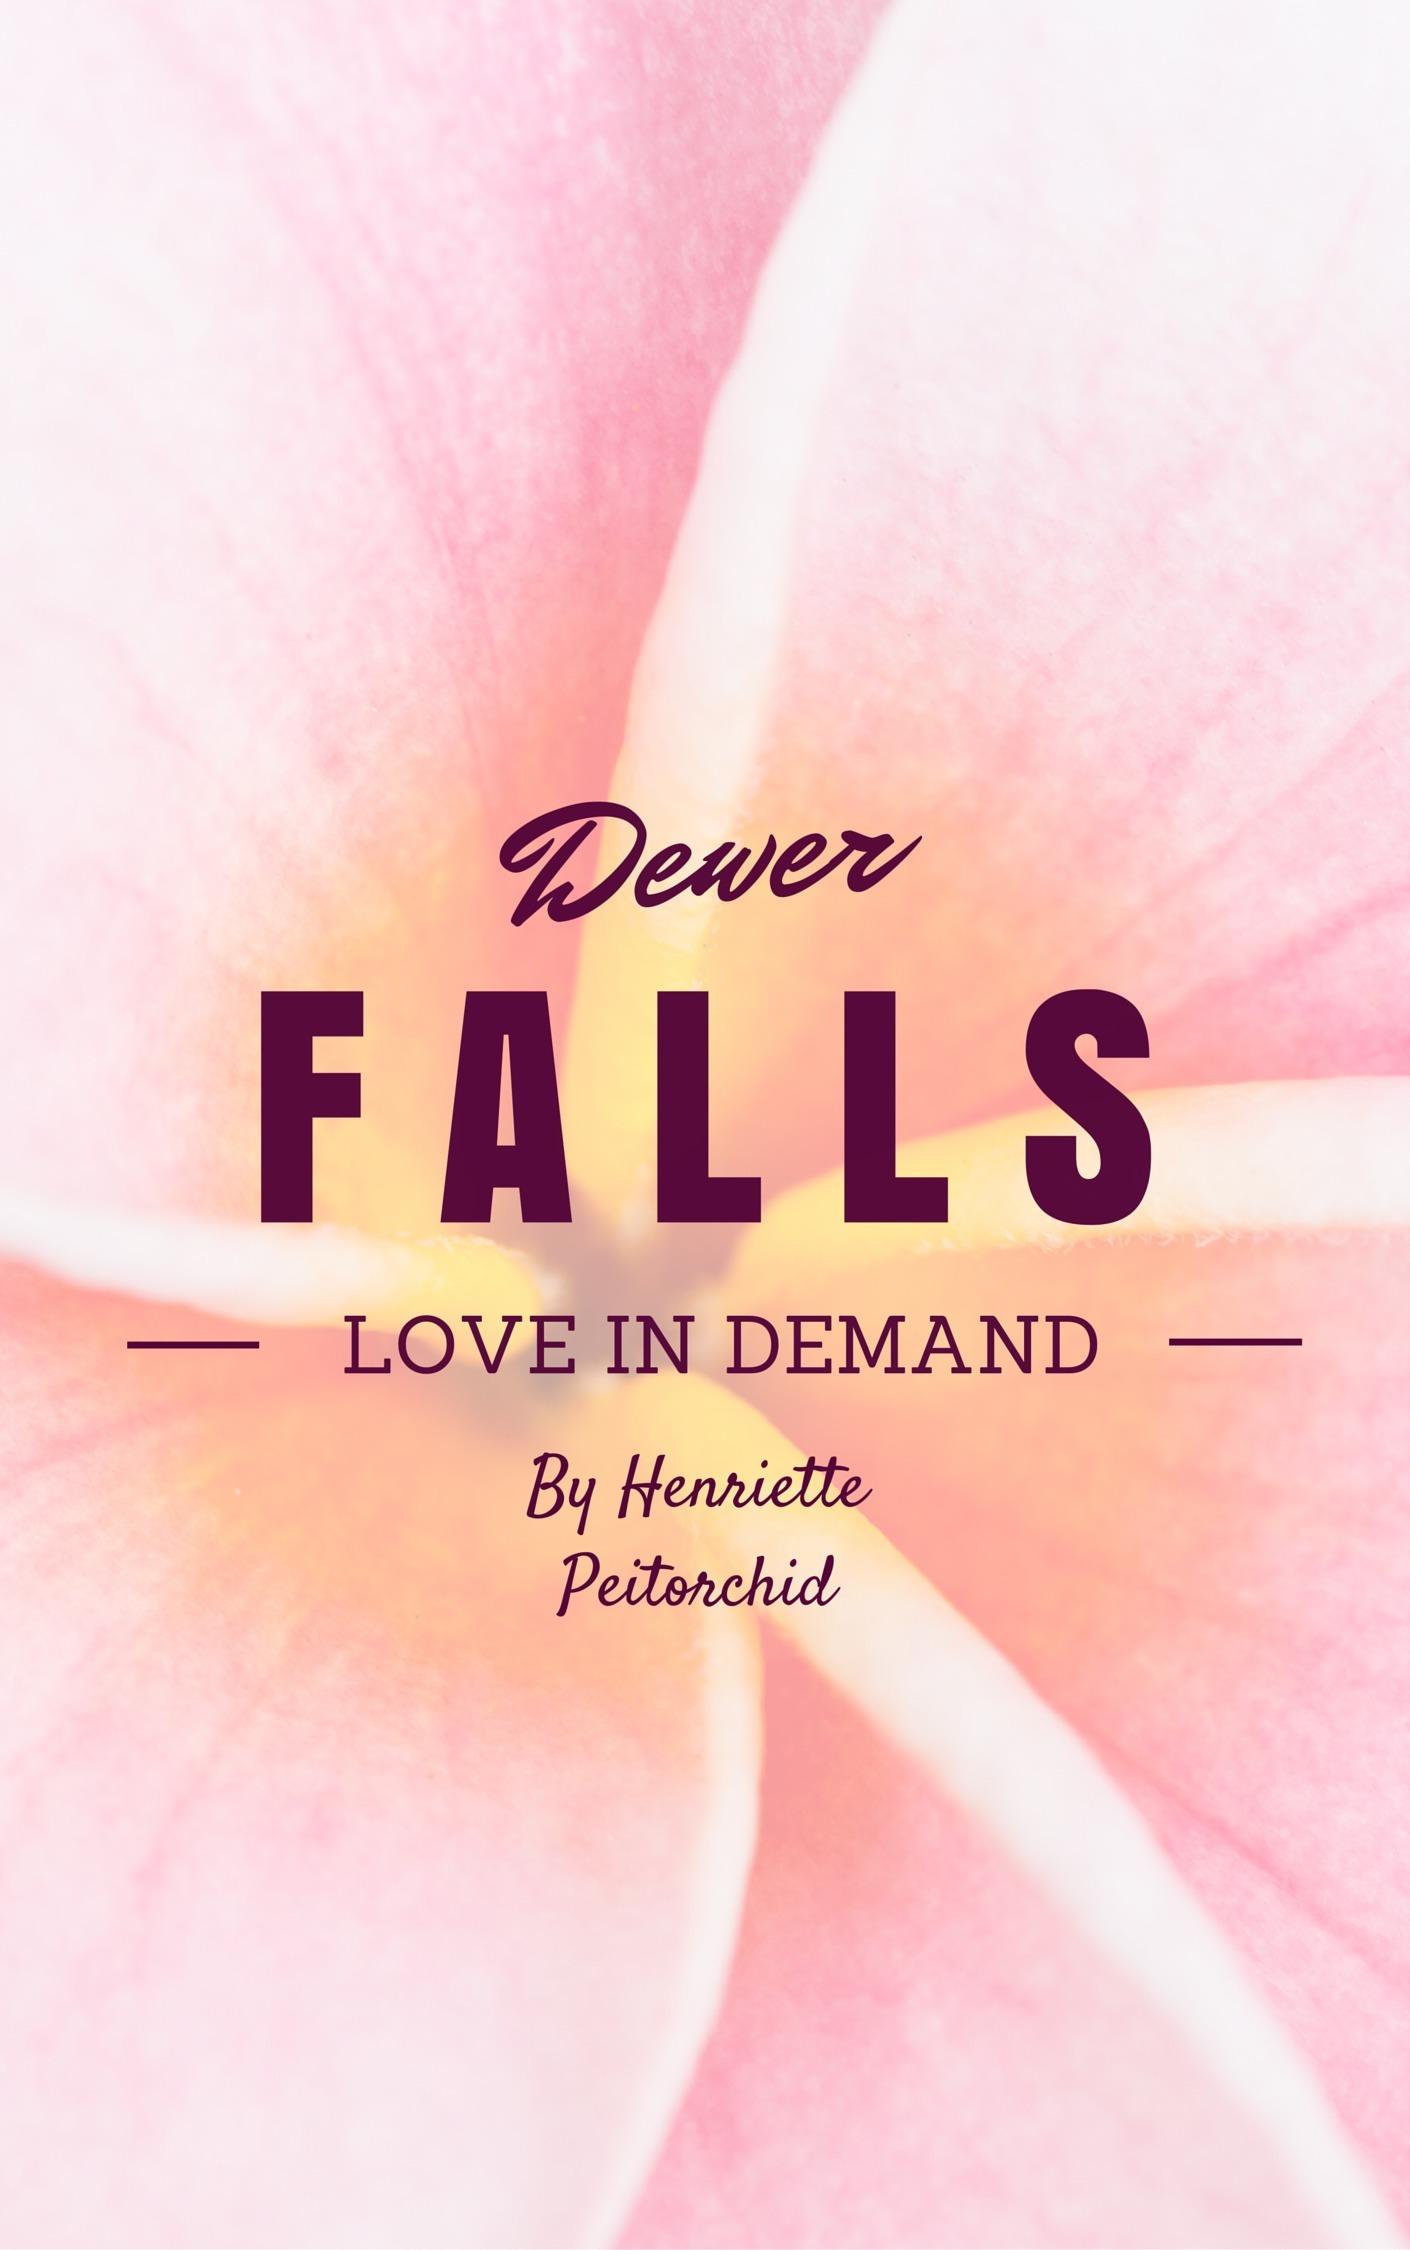 Dewer Falls Henriette Peitorchid